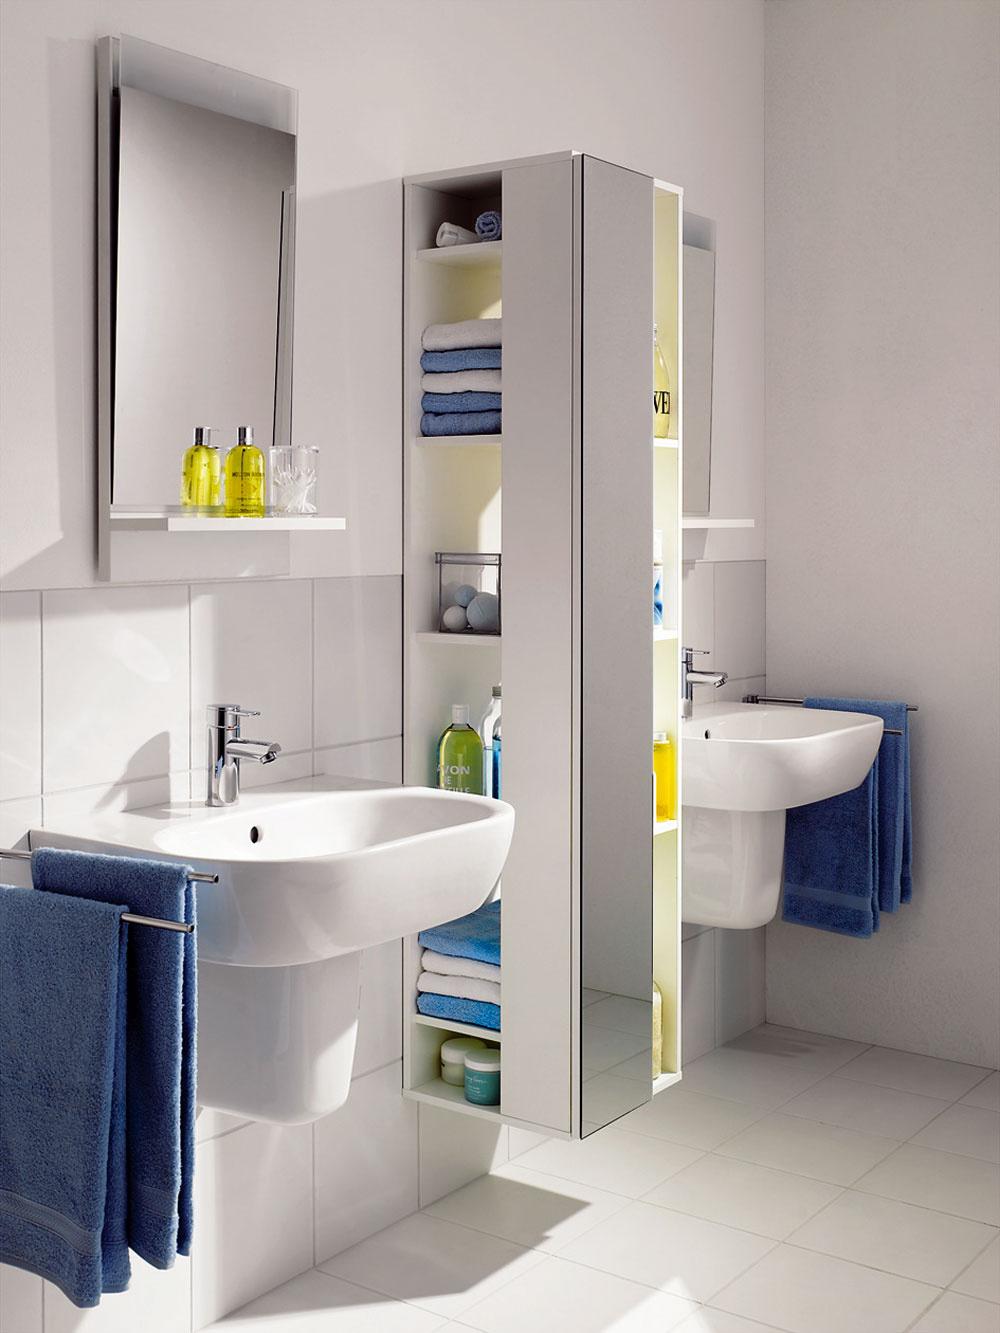 Na kúpeľňovom nábytku sa neoplatí šetriť. Dômyselne navrhnuté nábytkové kusy uskladnia, čo treba, a odsadené od zeme vpustia do miestnosti viac vzduchu. V tomto prípade absencia dvierok dovoľuje vysunúť telo skriniek viac do priestoru. (foto: Sanitec)